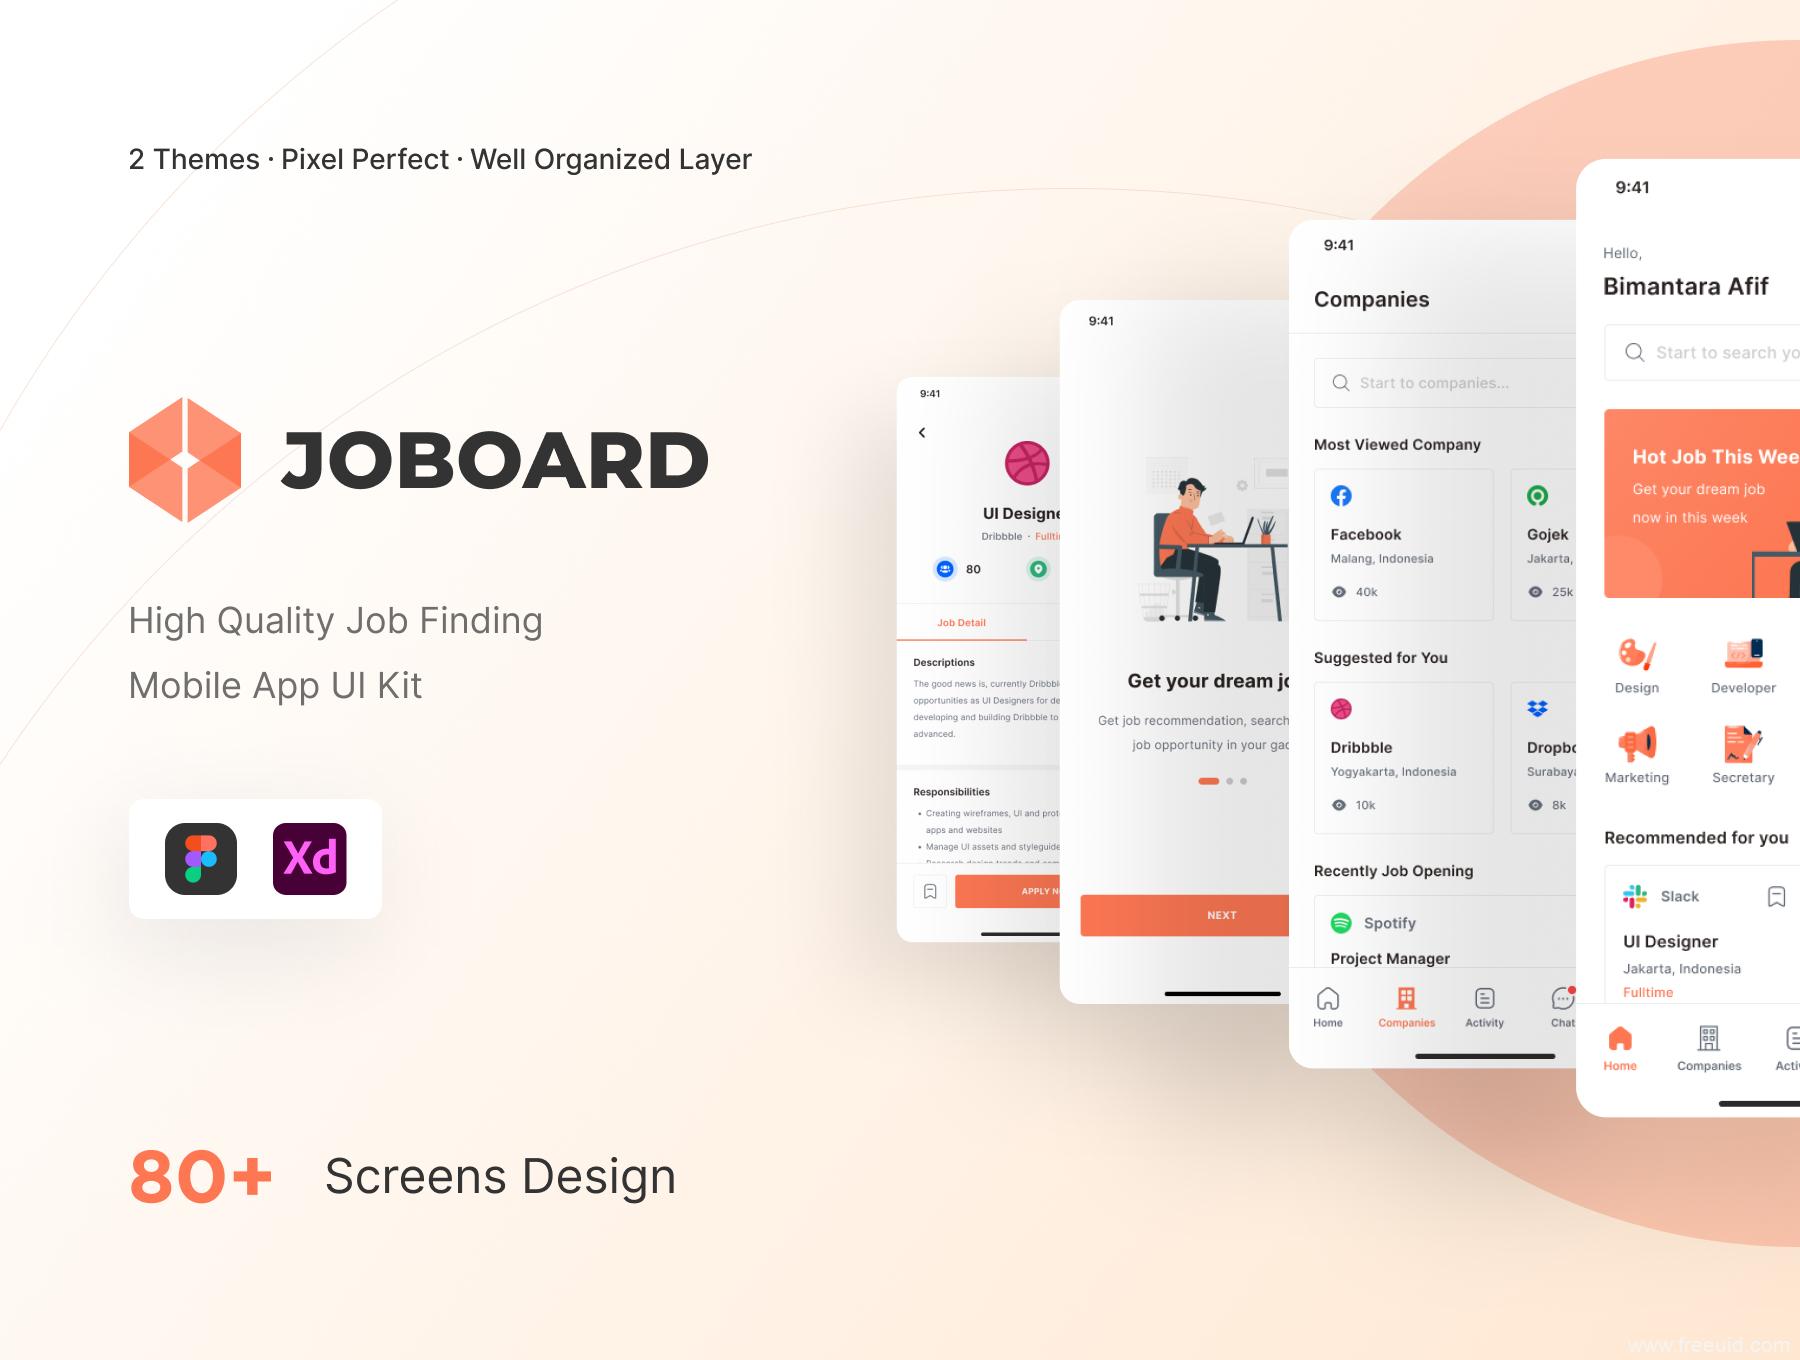 一套亮色与暗色双模式在线求职app ui源文件下载,招聘app ui资源,找工作app ui素材xd源文件下载